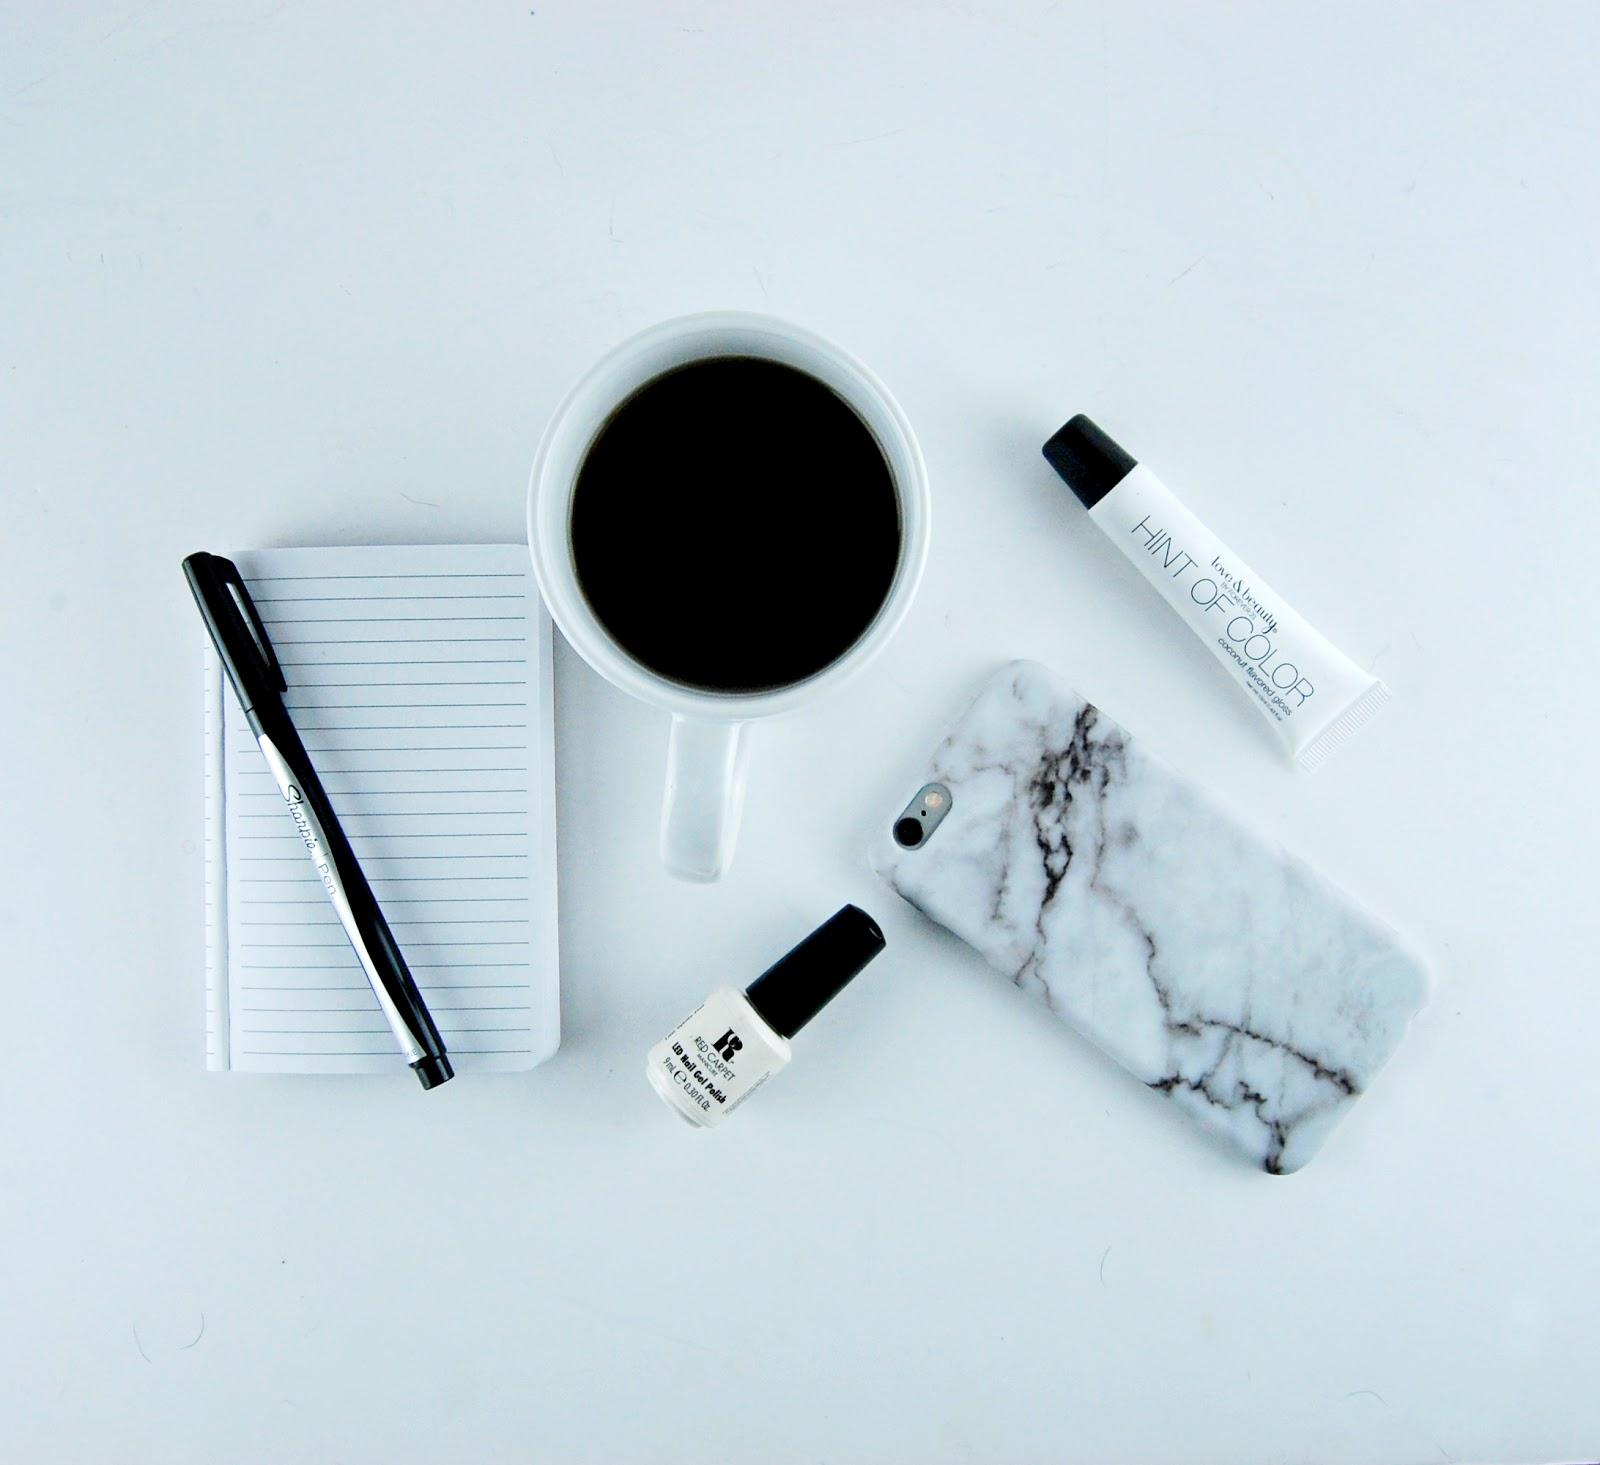 minimalizm, minimalista, jak zostać minimalistą, minimalizm zasady, dla kogo minimalizm, czym jest minimalizm, minimalist, stock photo bundle, minimalism